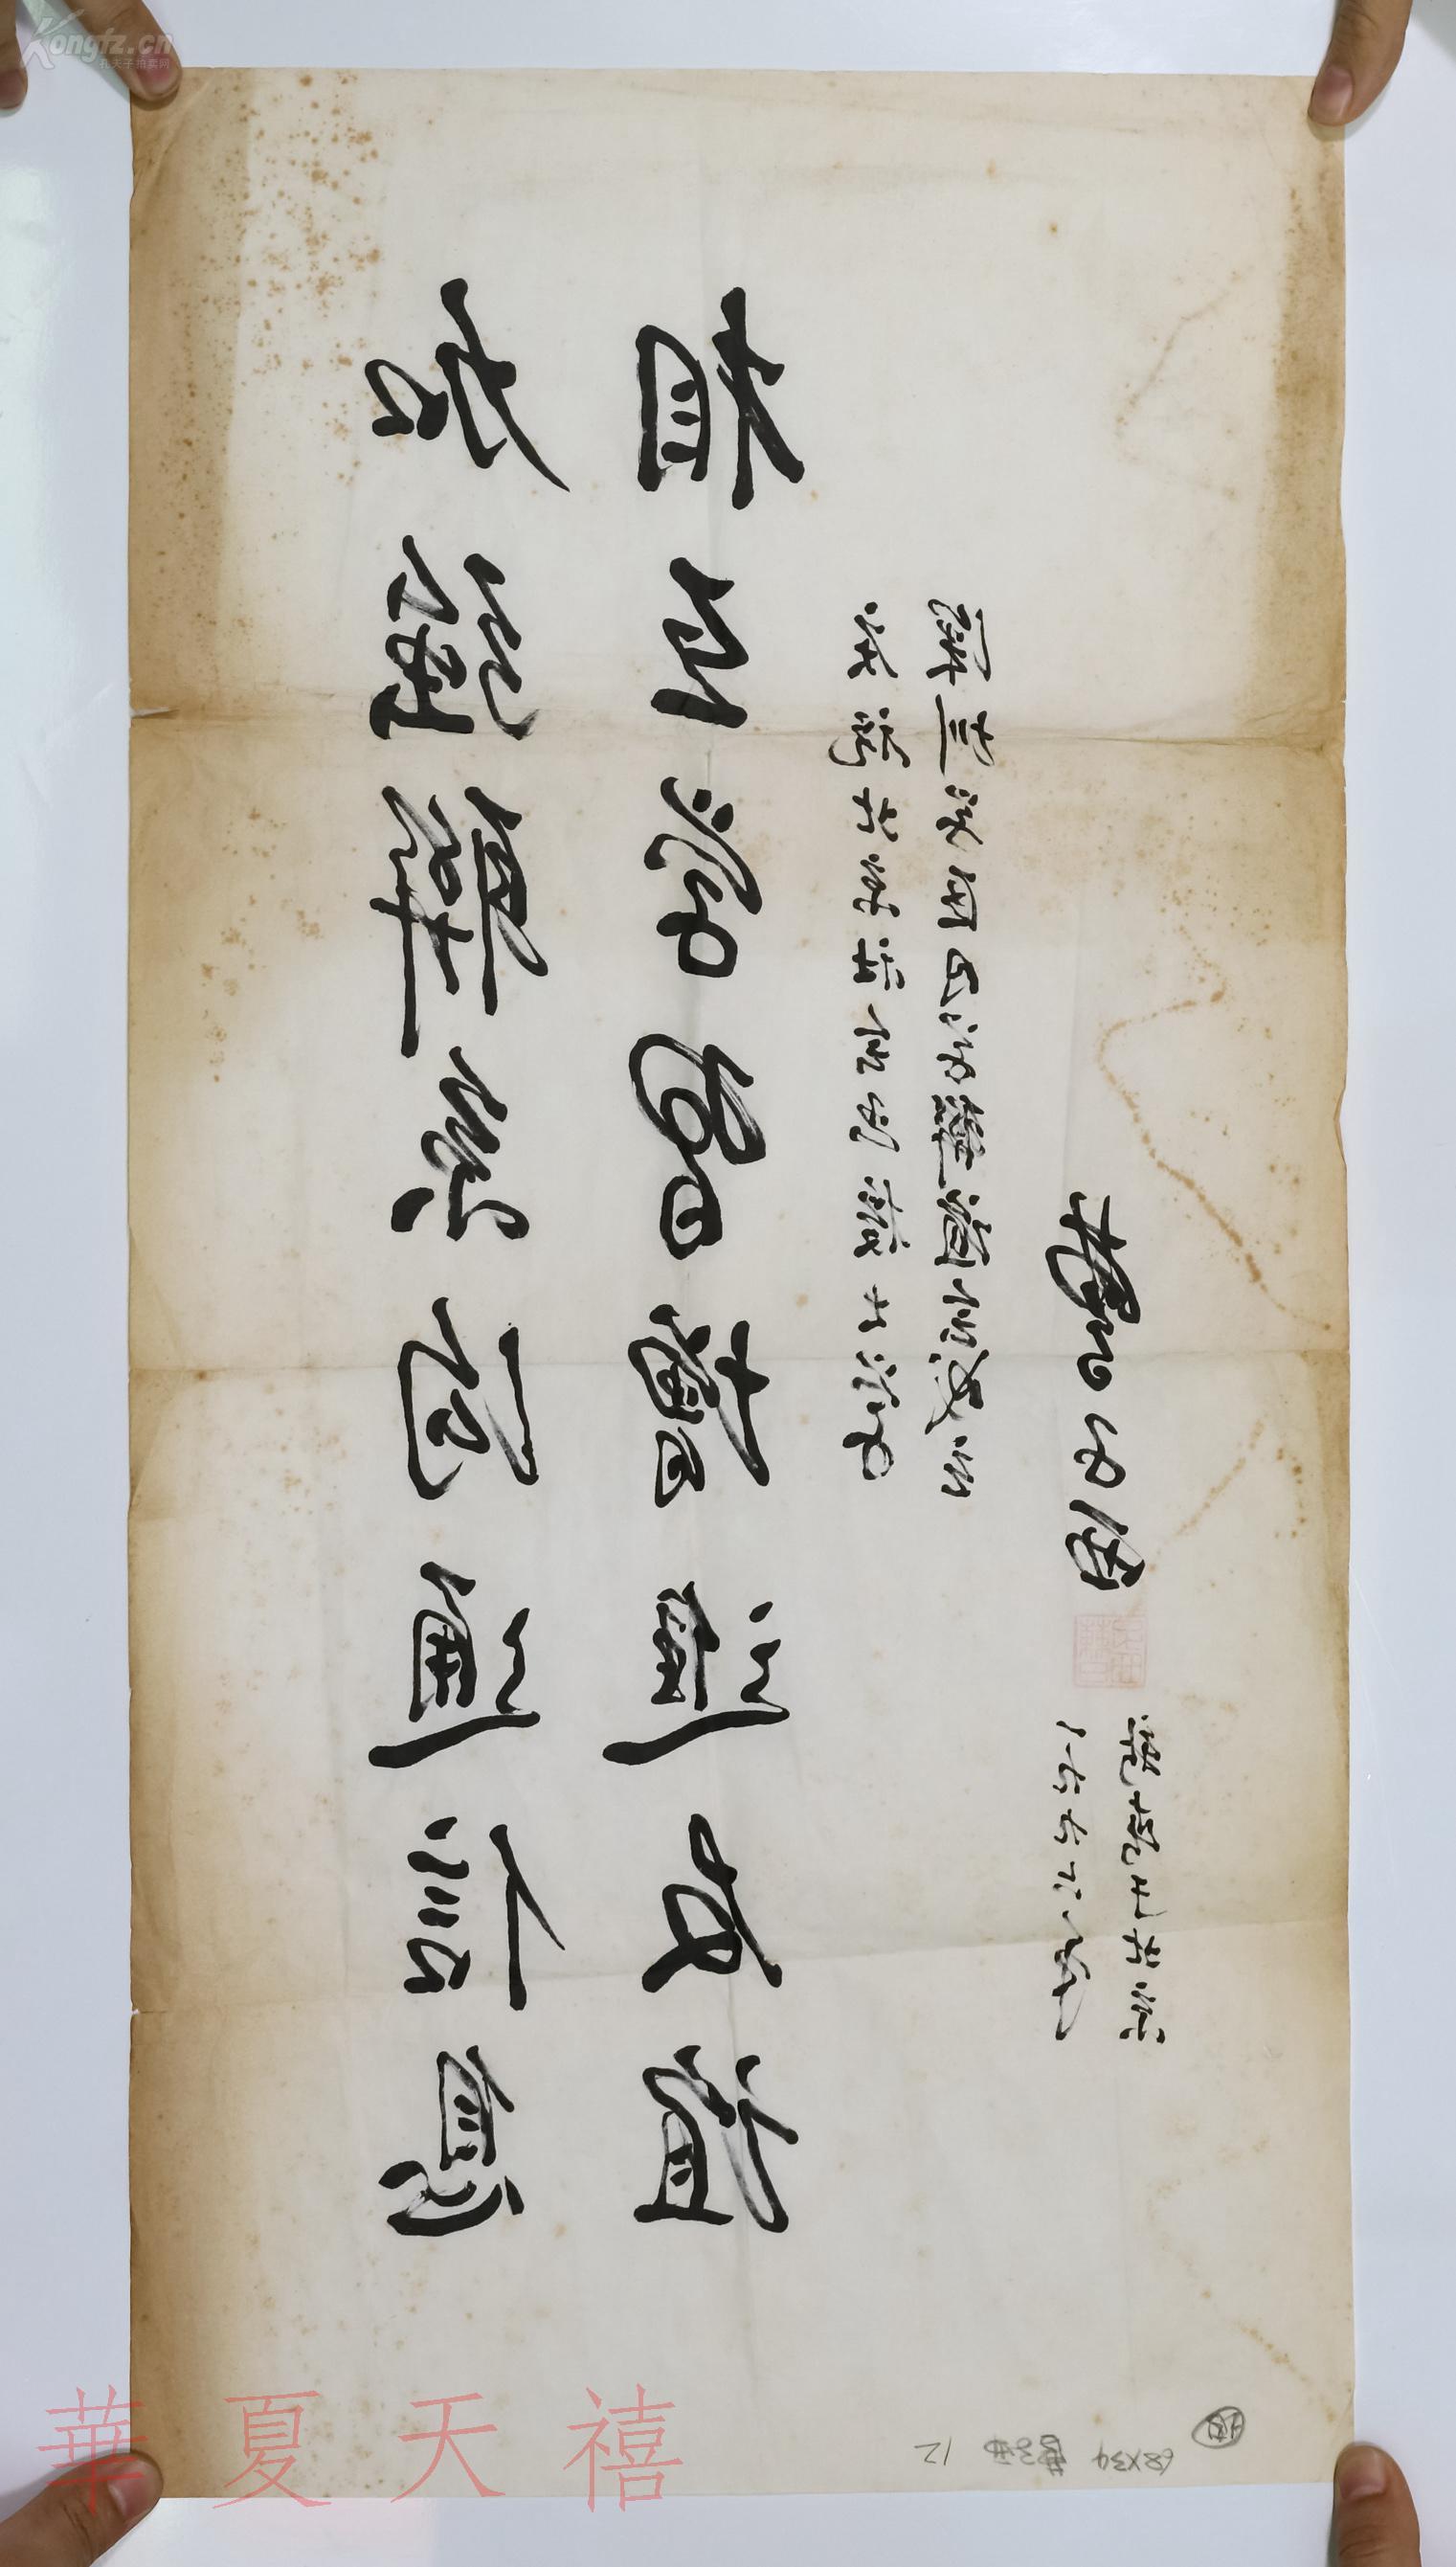 曹�NiY�[���h^[�_原北京史学研究会会长,北京社会科学院副院长 曹子西1996年书法作品